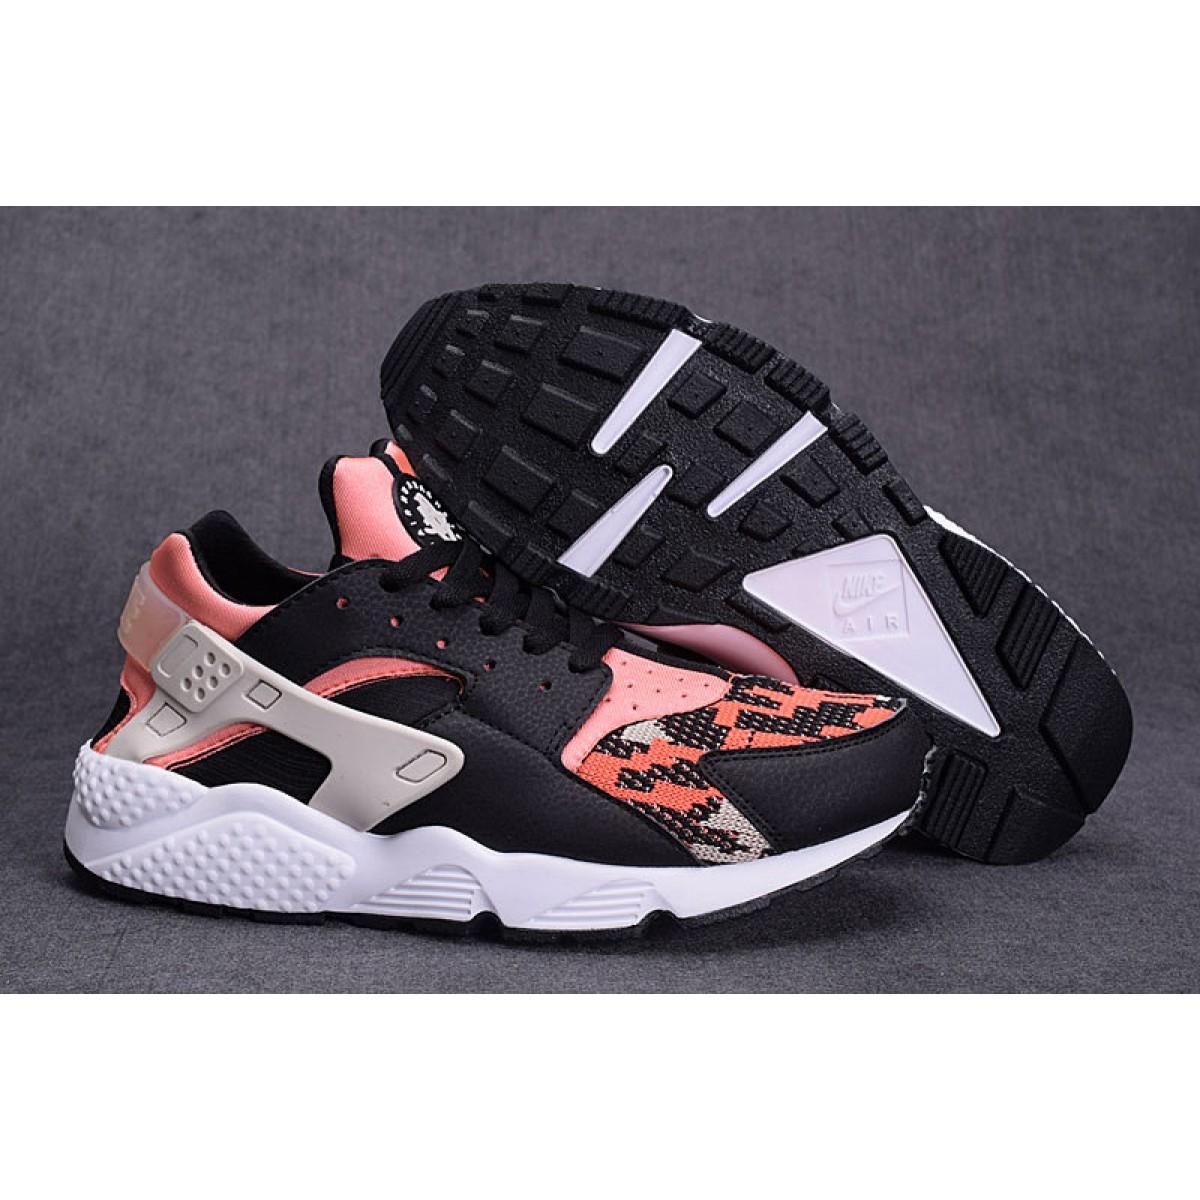 Achat / Vente produits Nike Air Huarache Femme,Nike Air Huarache Femme Pas Cher[